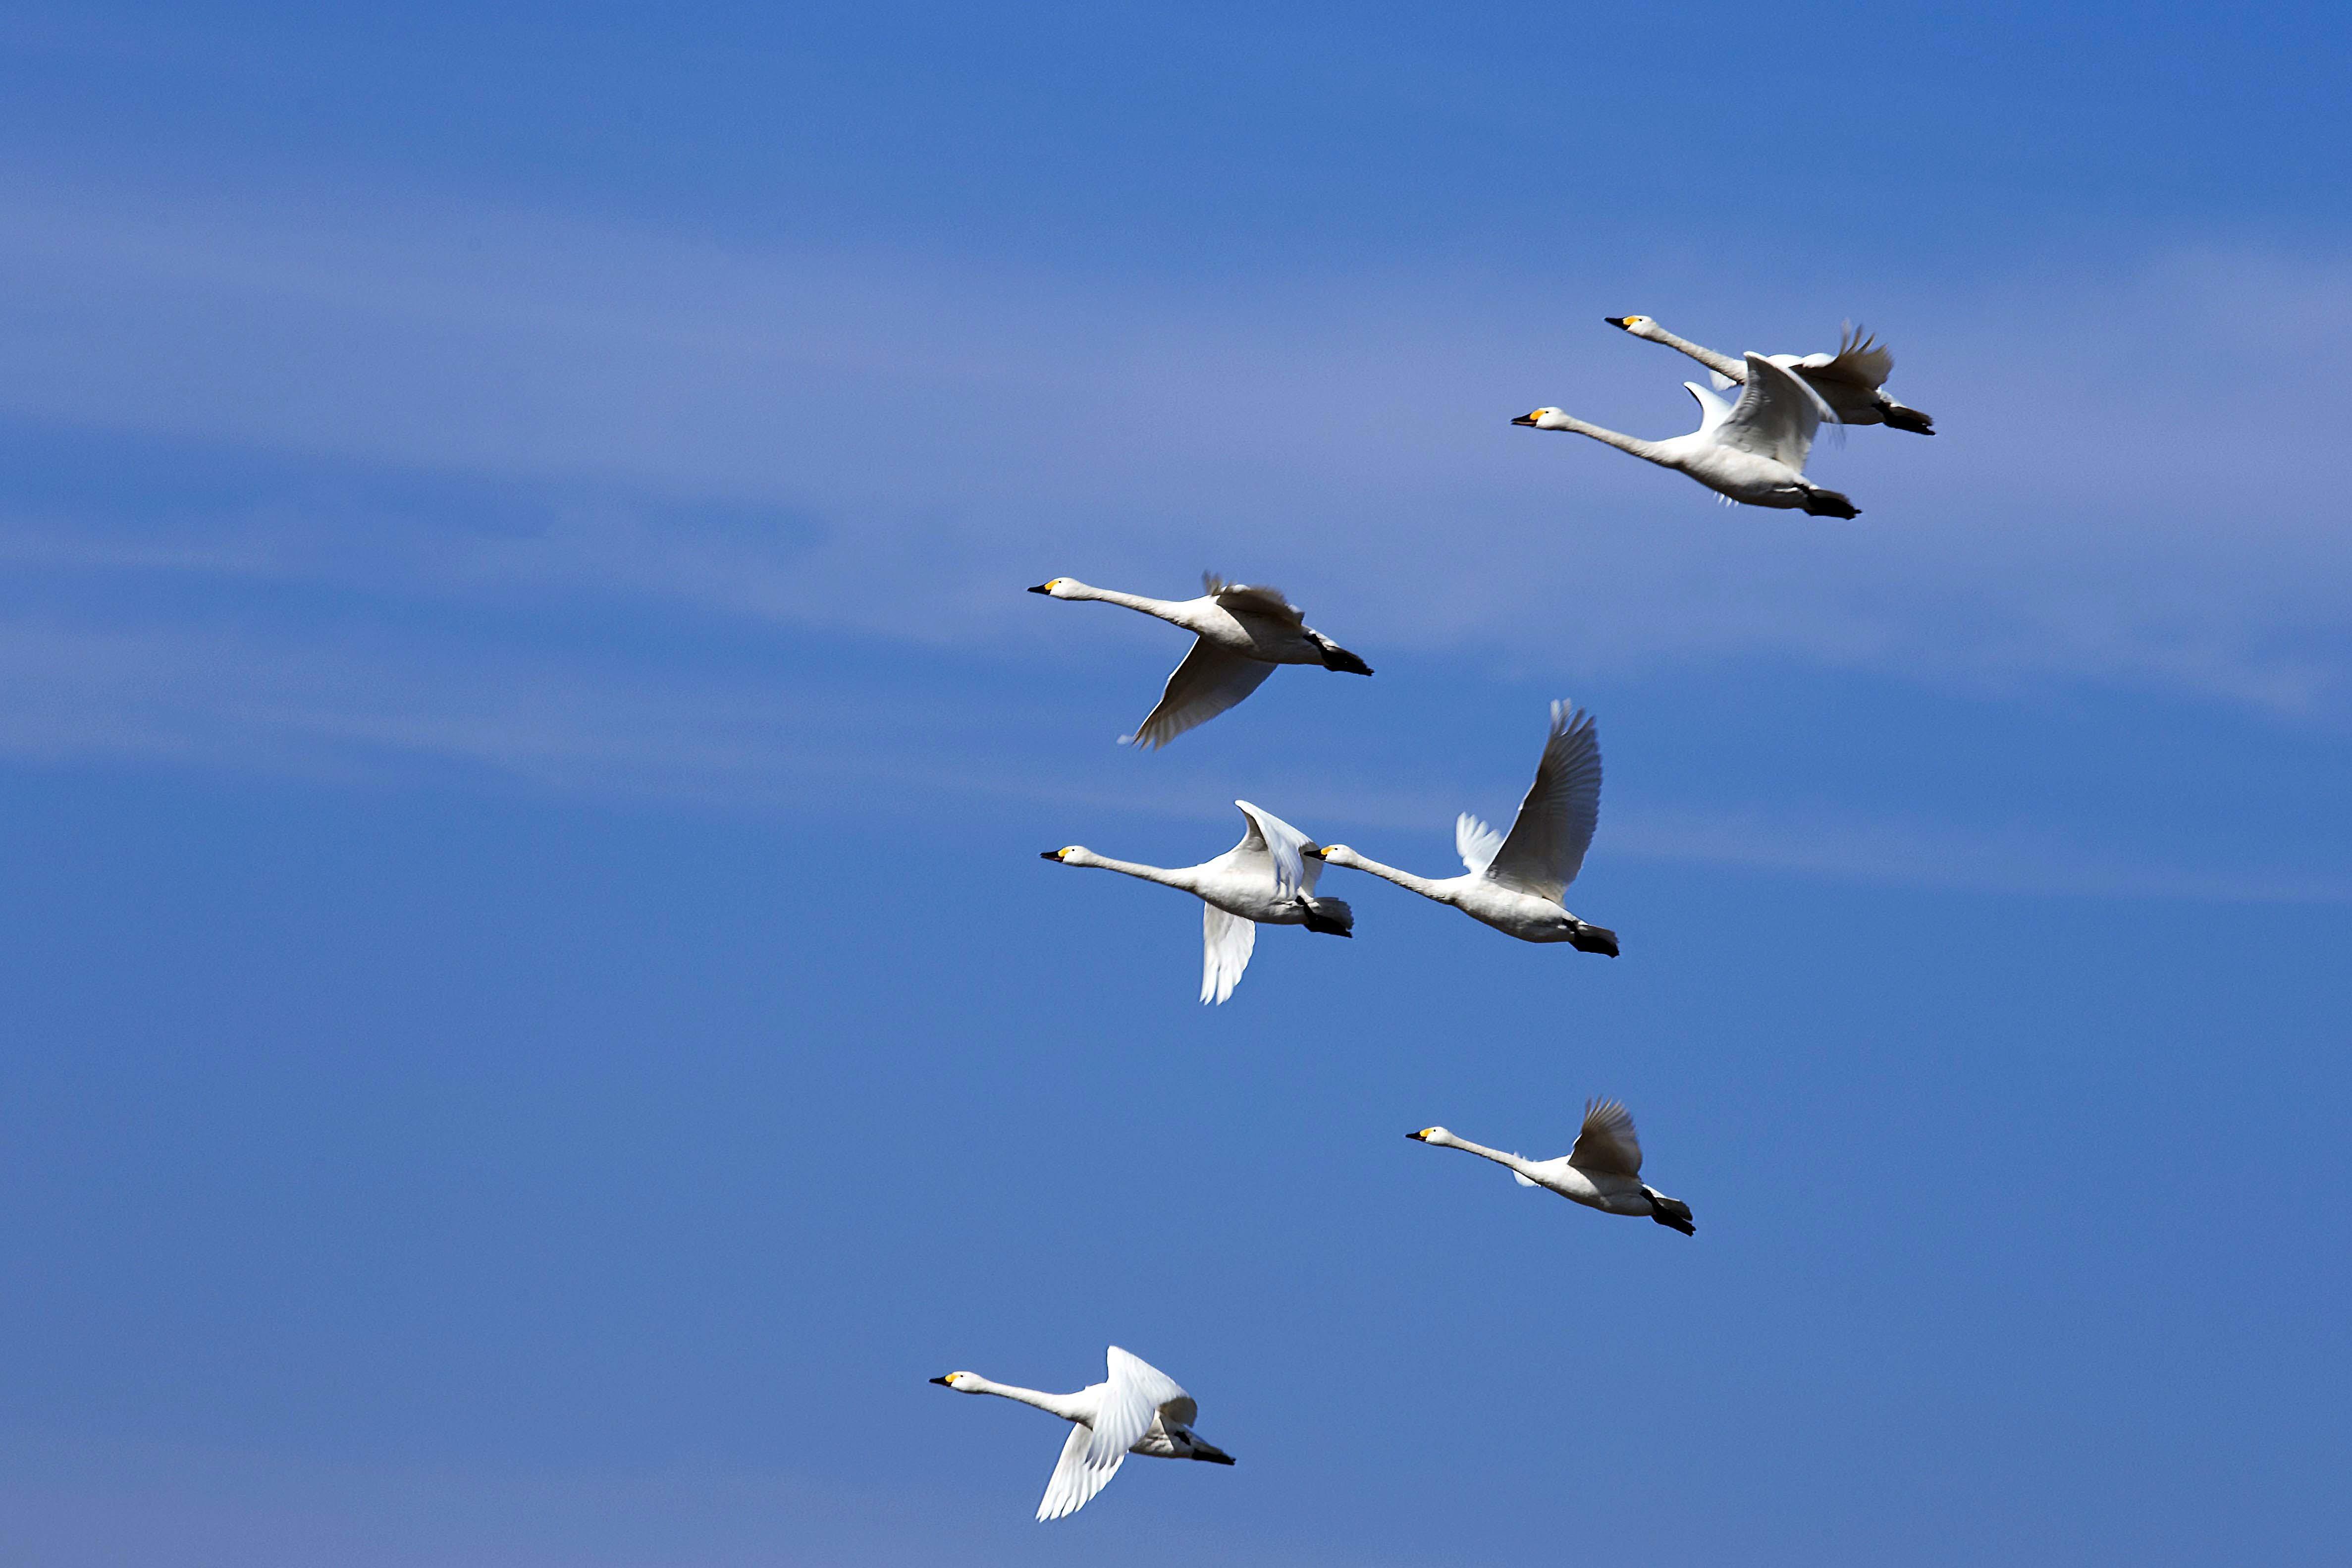 千葉県の白鳥たち_e0305388_22093848.jpg